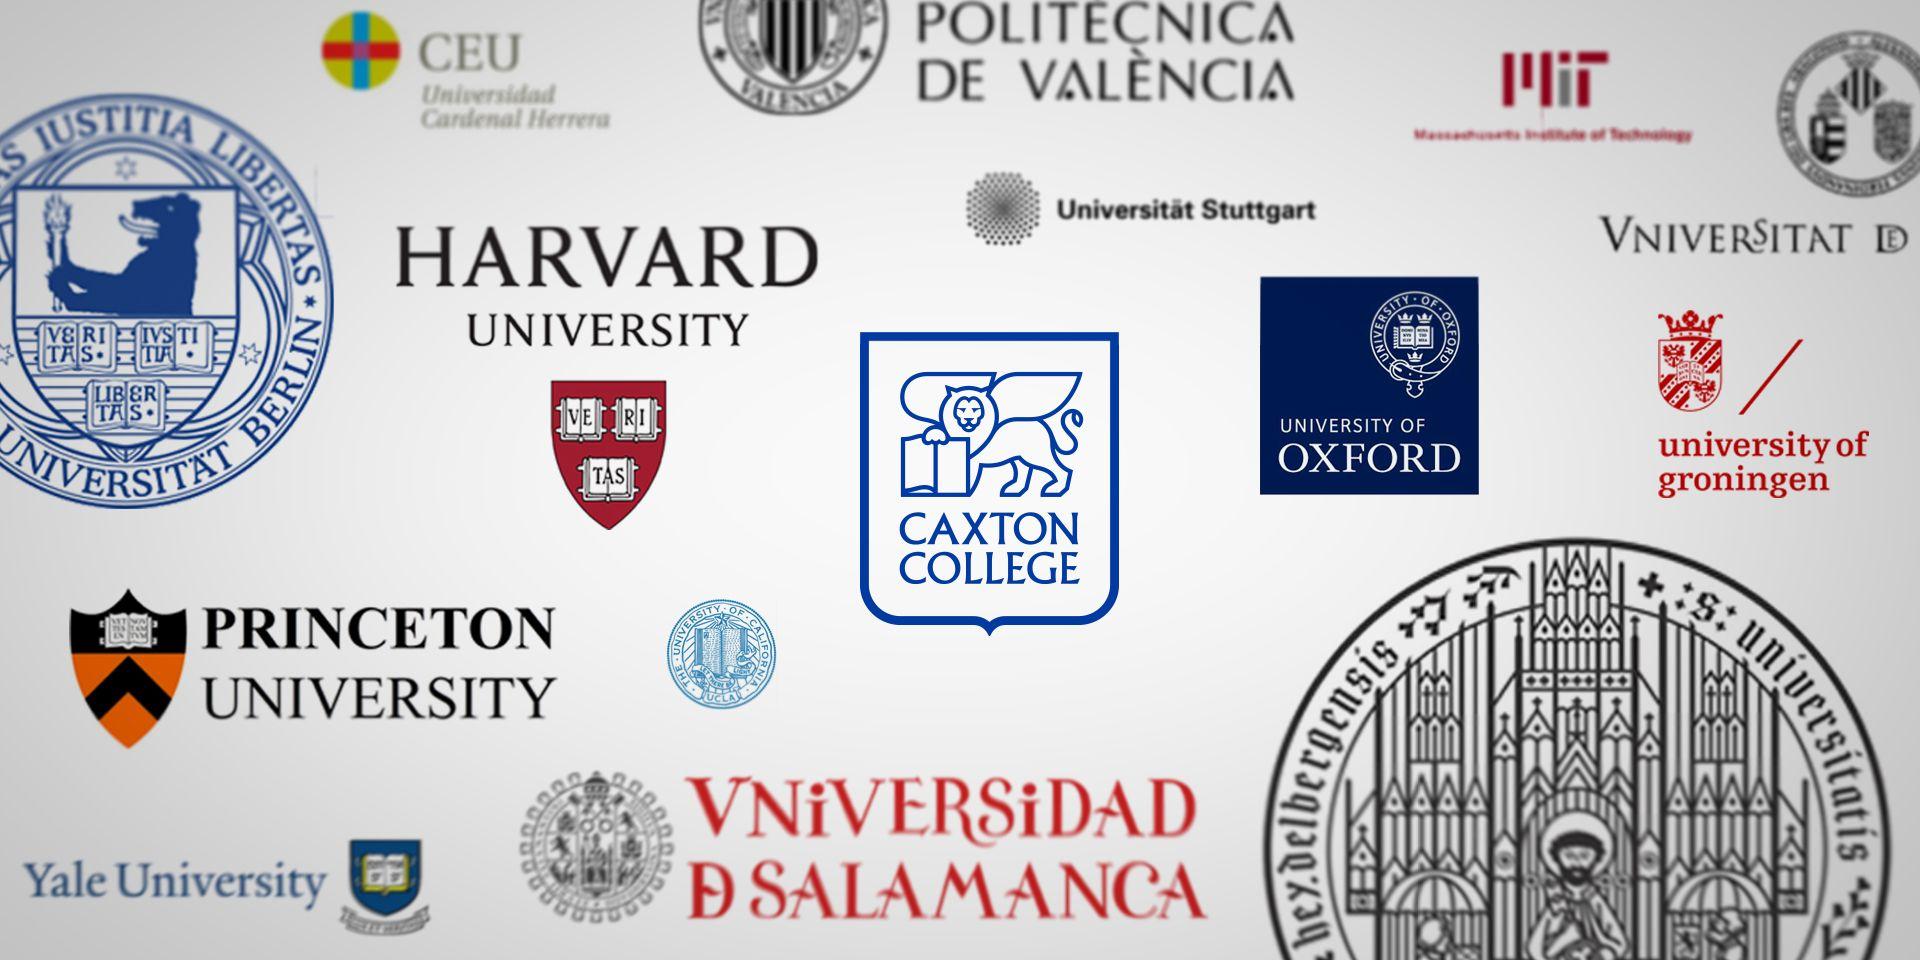 El logotipo de colegios y universidades